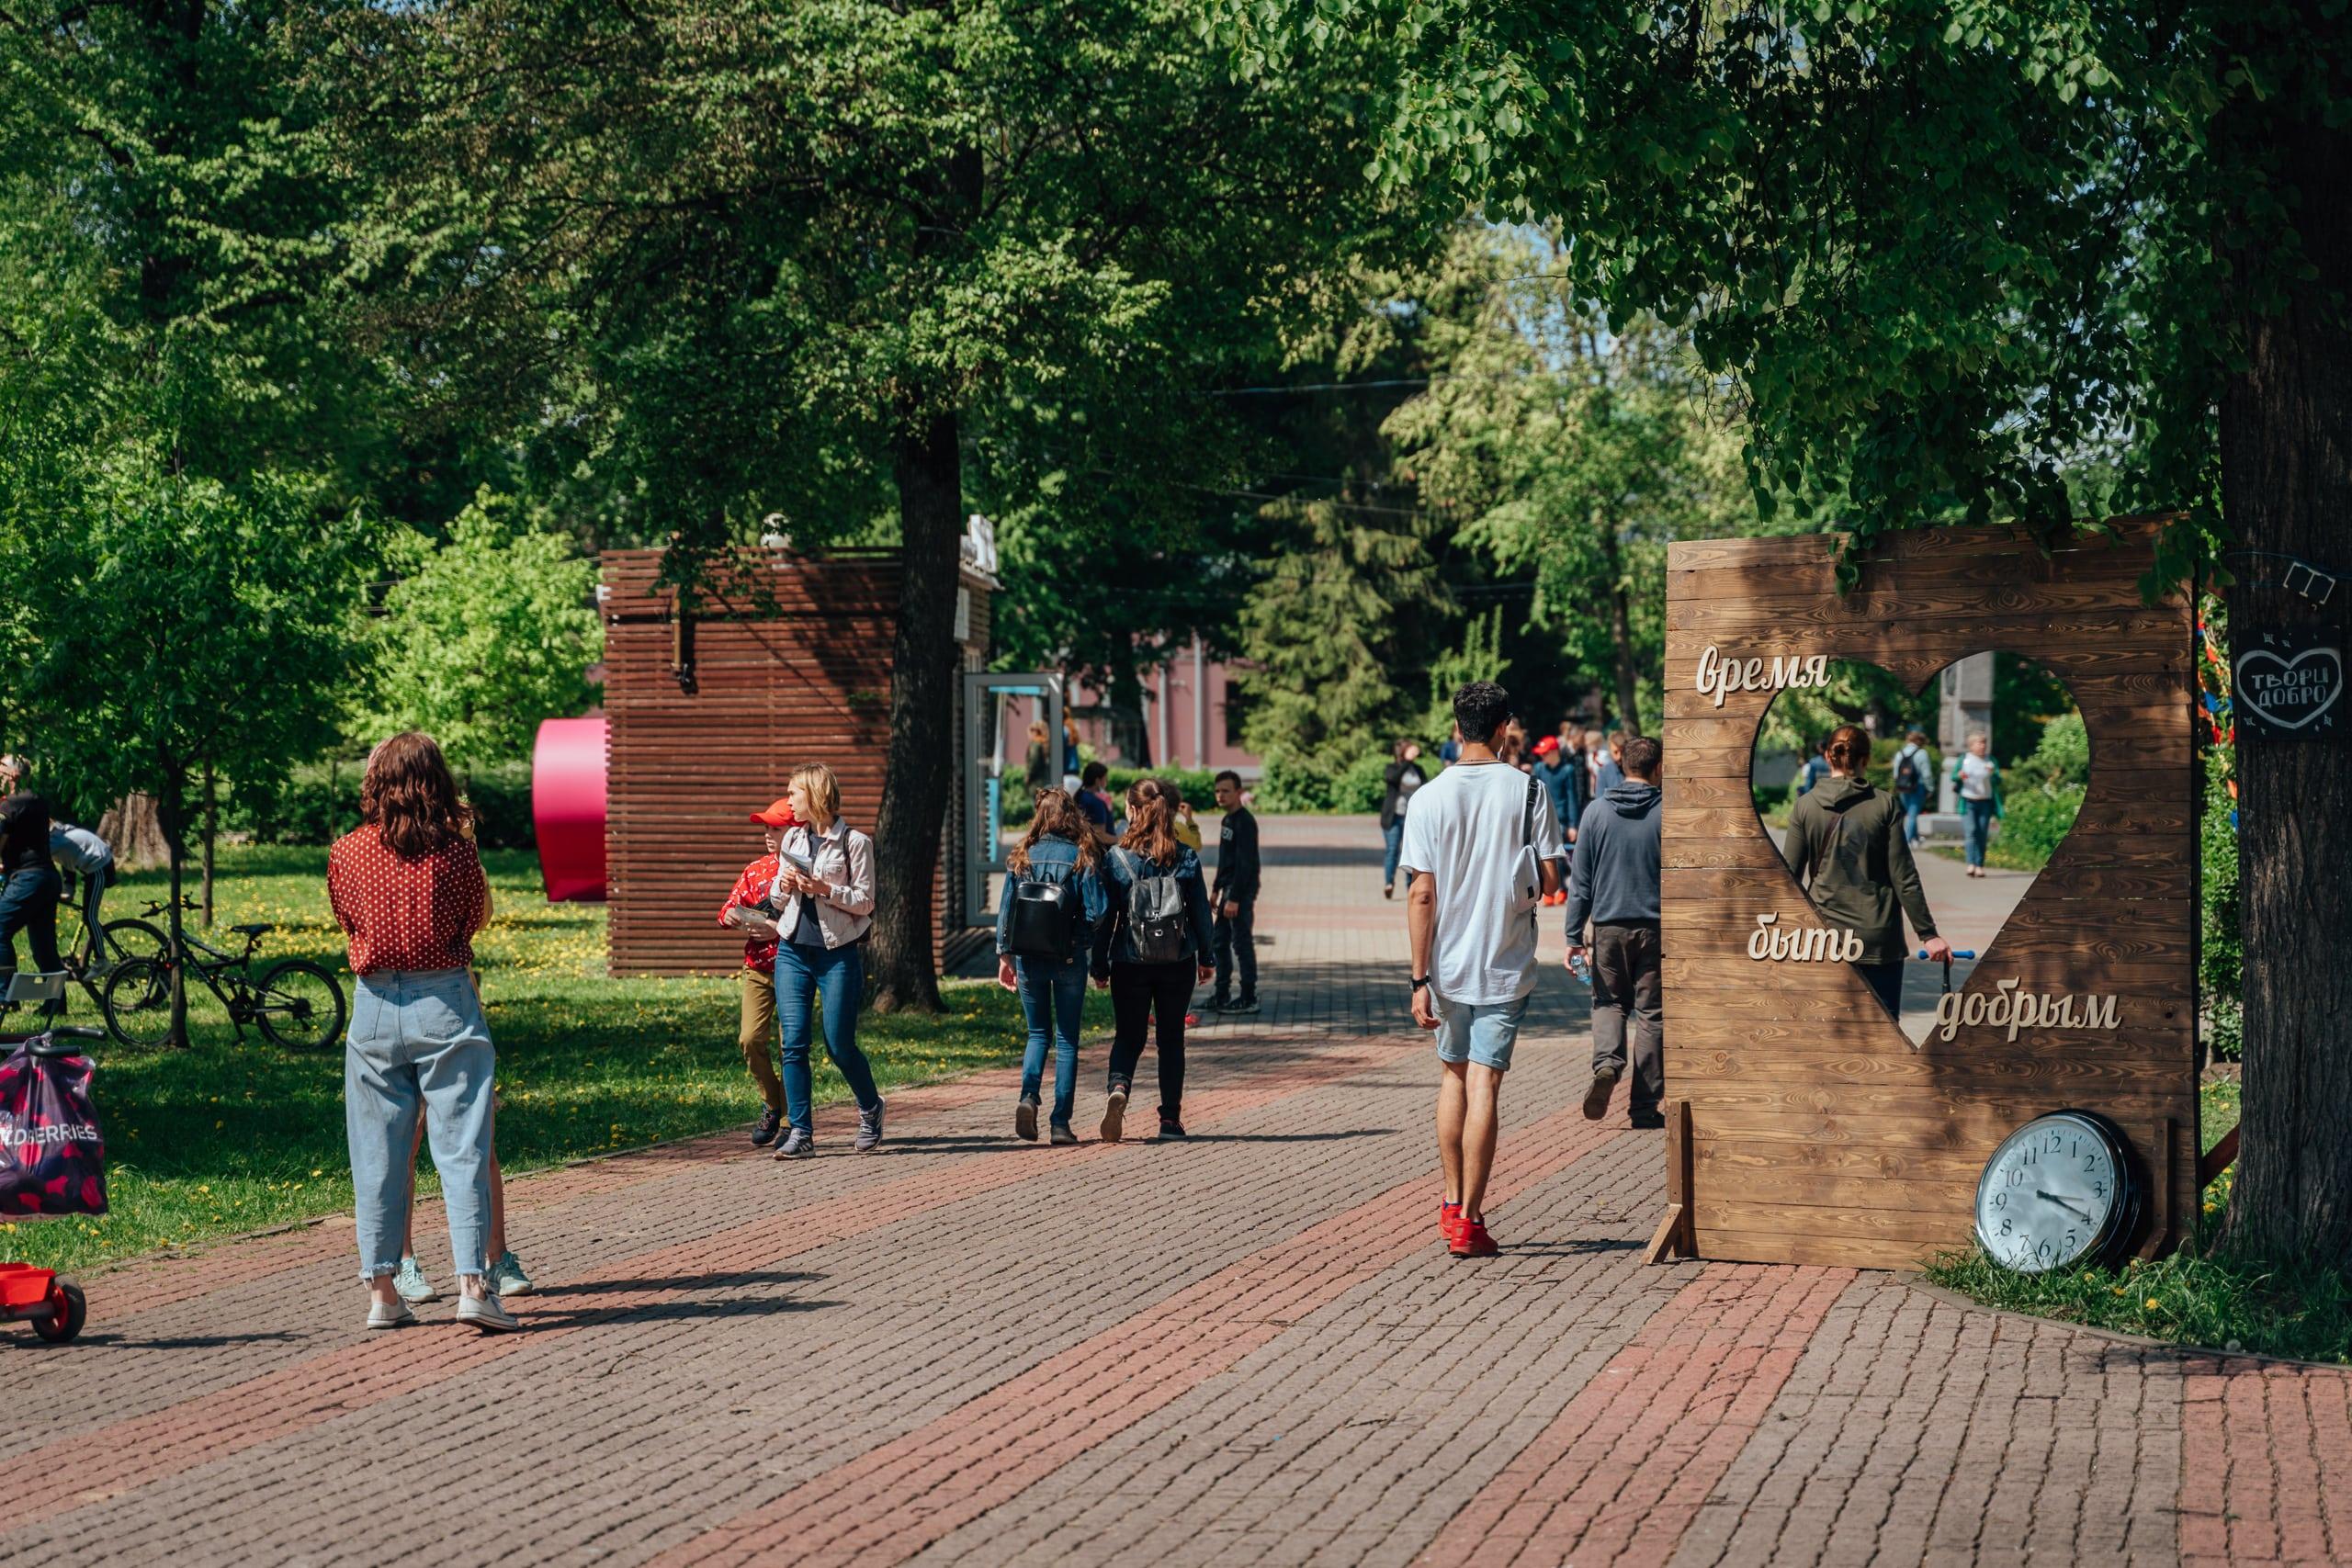 «Площадь Добра»: в Твери завершился первый день фестиваля благотворительности и волонтёрства